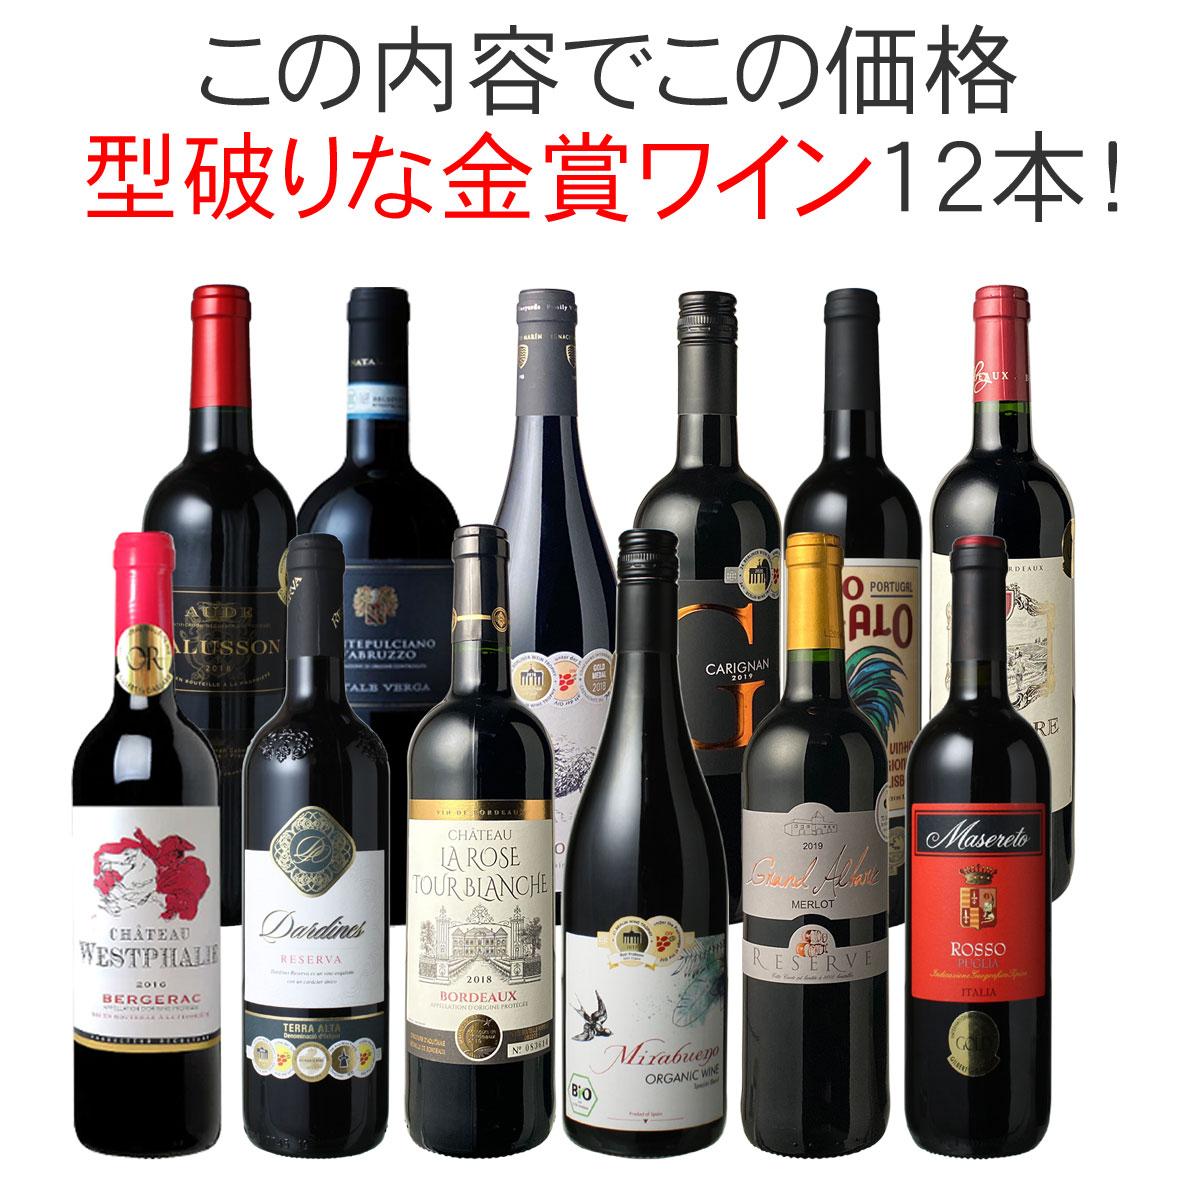 ワインセット 渾身 金賞ワイン 12本 セット ボルドー フランス イタリア チリ スペイン パーティー 家飲み 御祝 誕生日 ハロウィン ギフト 型破り金